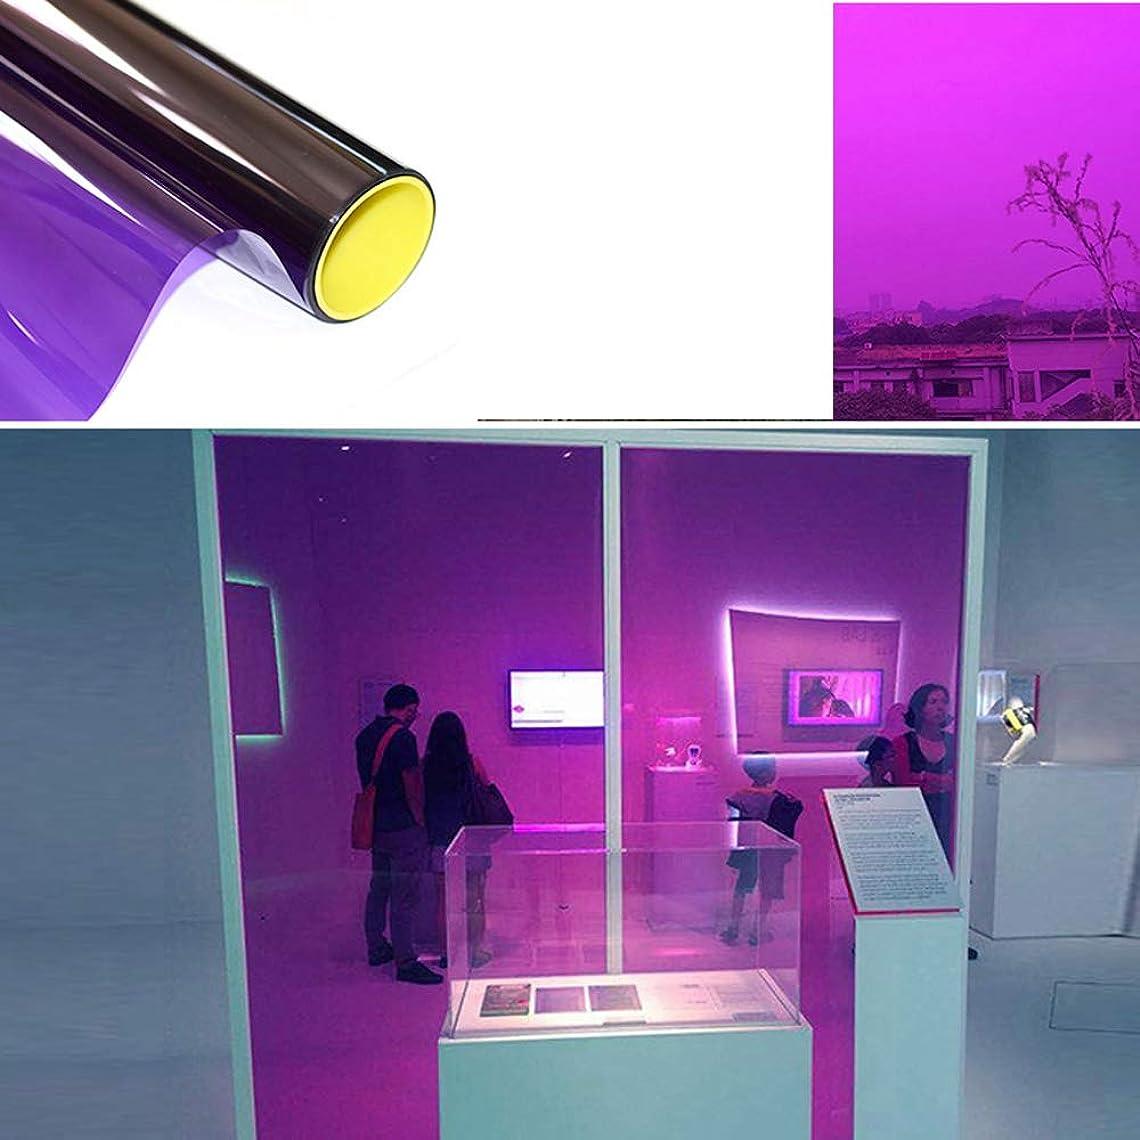 牛肉レンズジャンクYiwanda 建築ガラスフィルム フィルム ガラス透明断熱フィルム 冷暖房効率アップ 飛散防止 外から見えない リメイクガラスフィルム (90*1000CM,16)